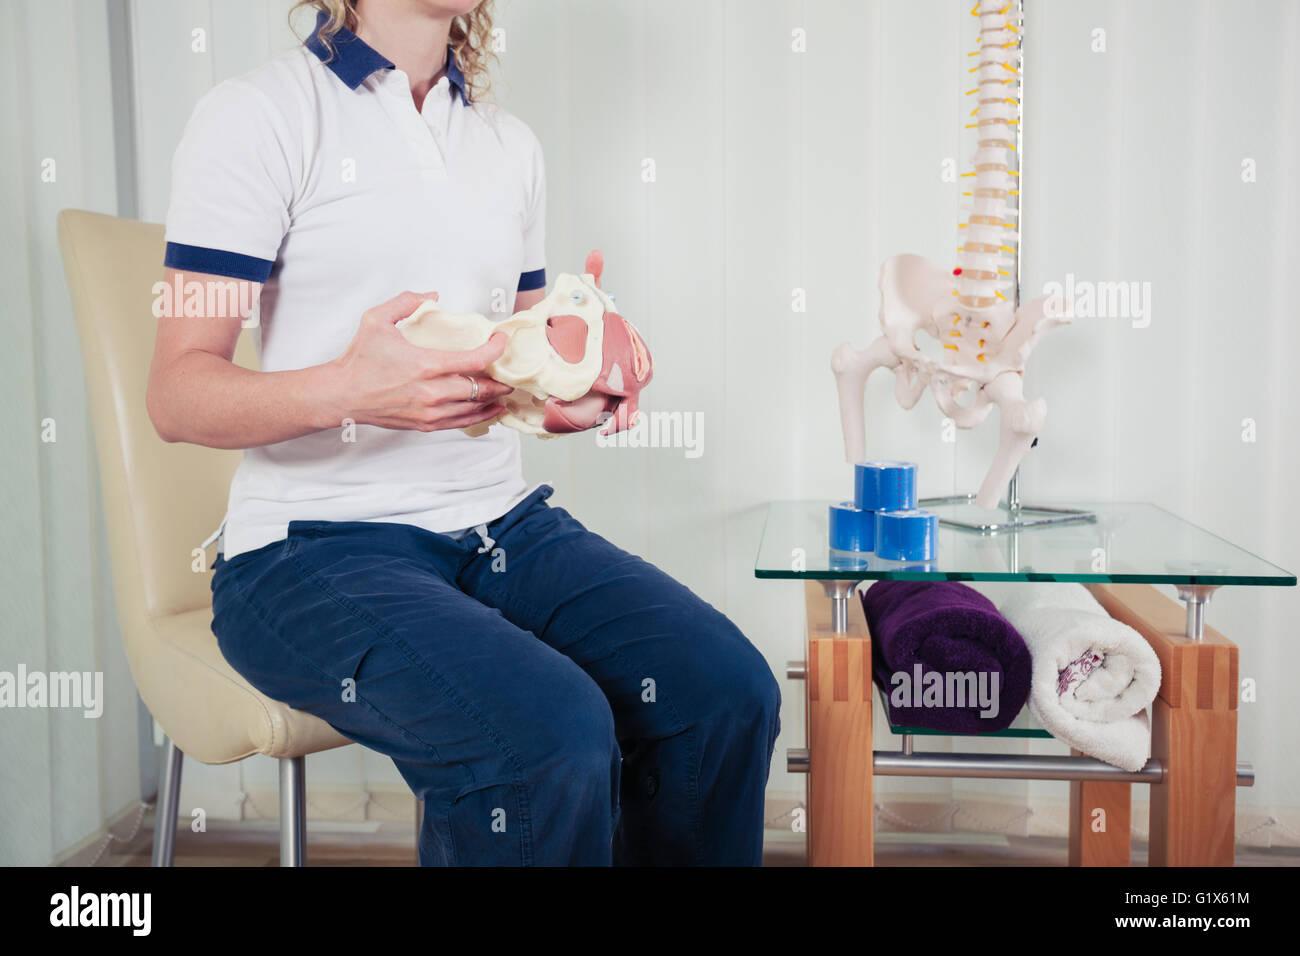 Un physiothérapeute est assis dans son bureau et est maintenant un modèle de la pelvis humain Photo Stock